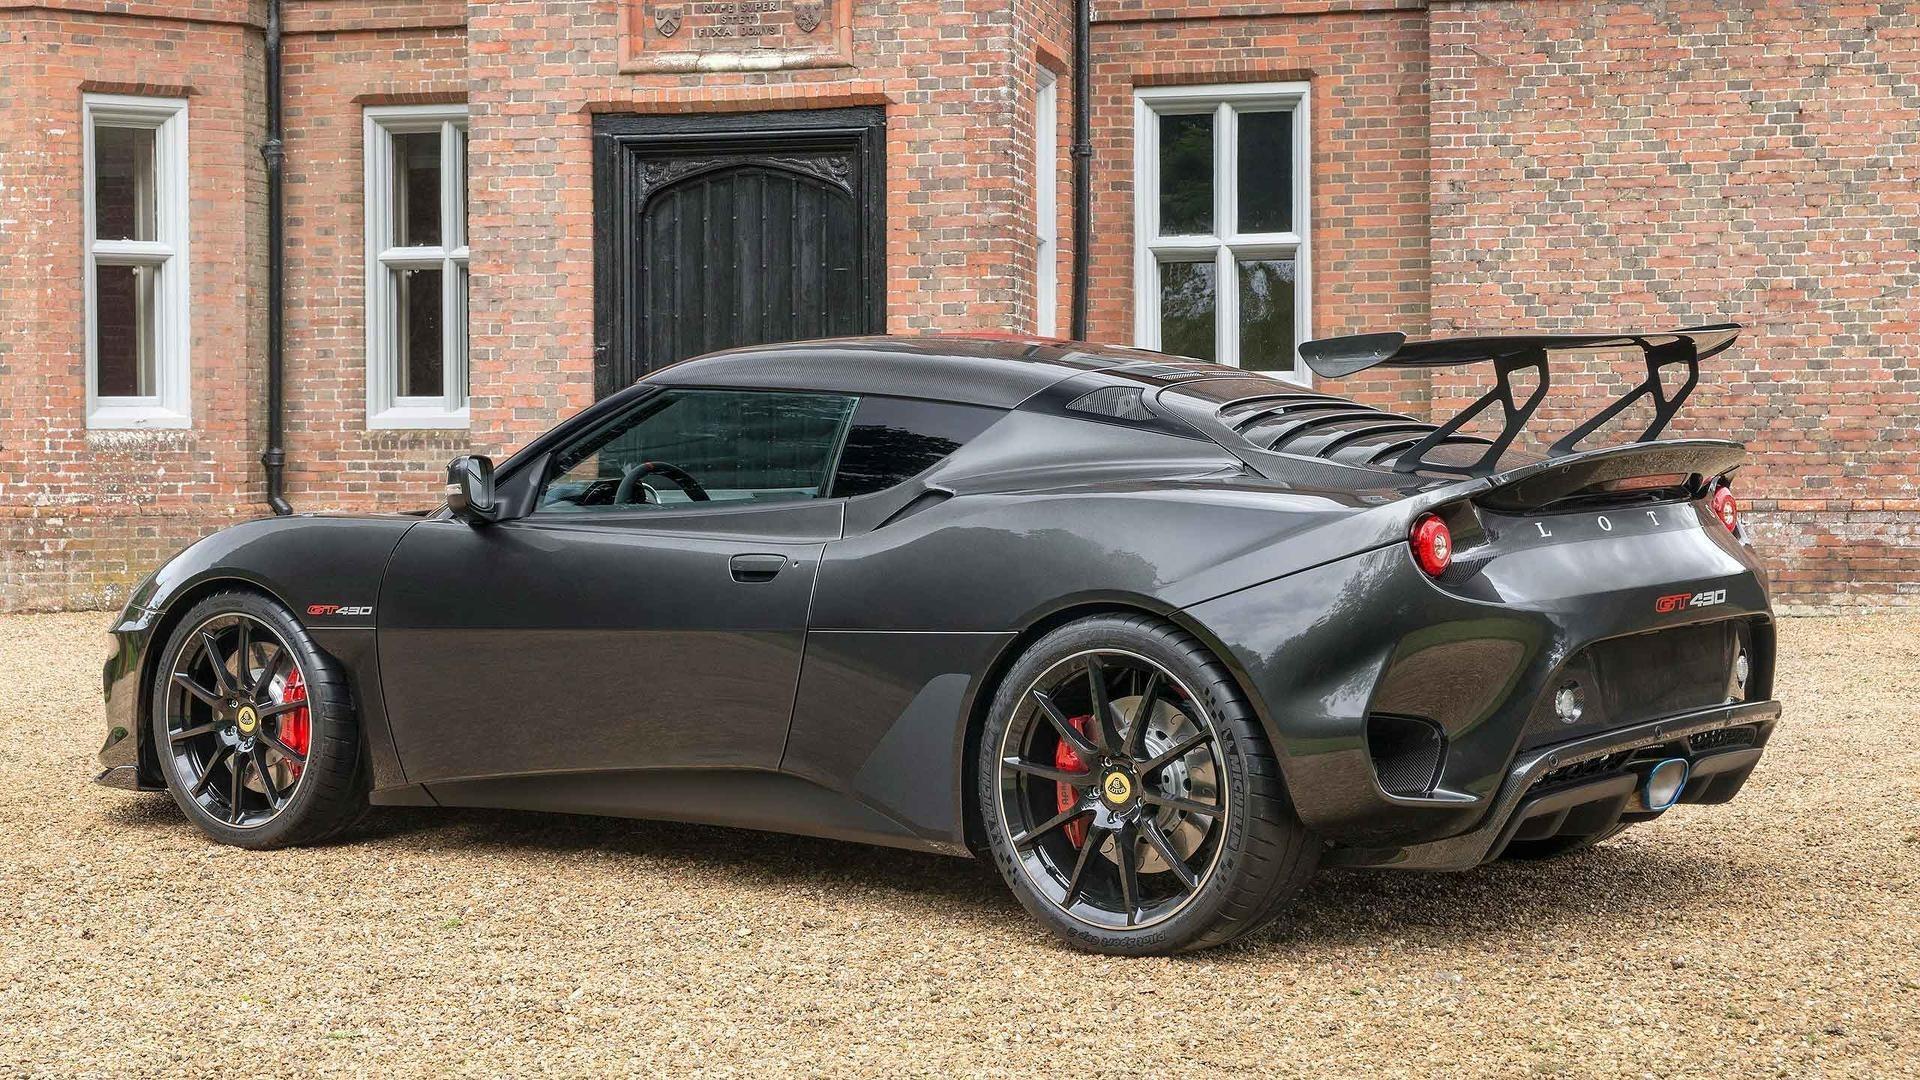 Nouvelle Lotus Evora GT430 : À l'assaut des supercars !